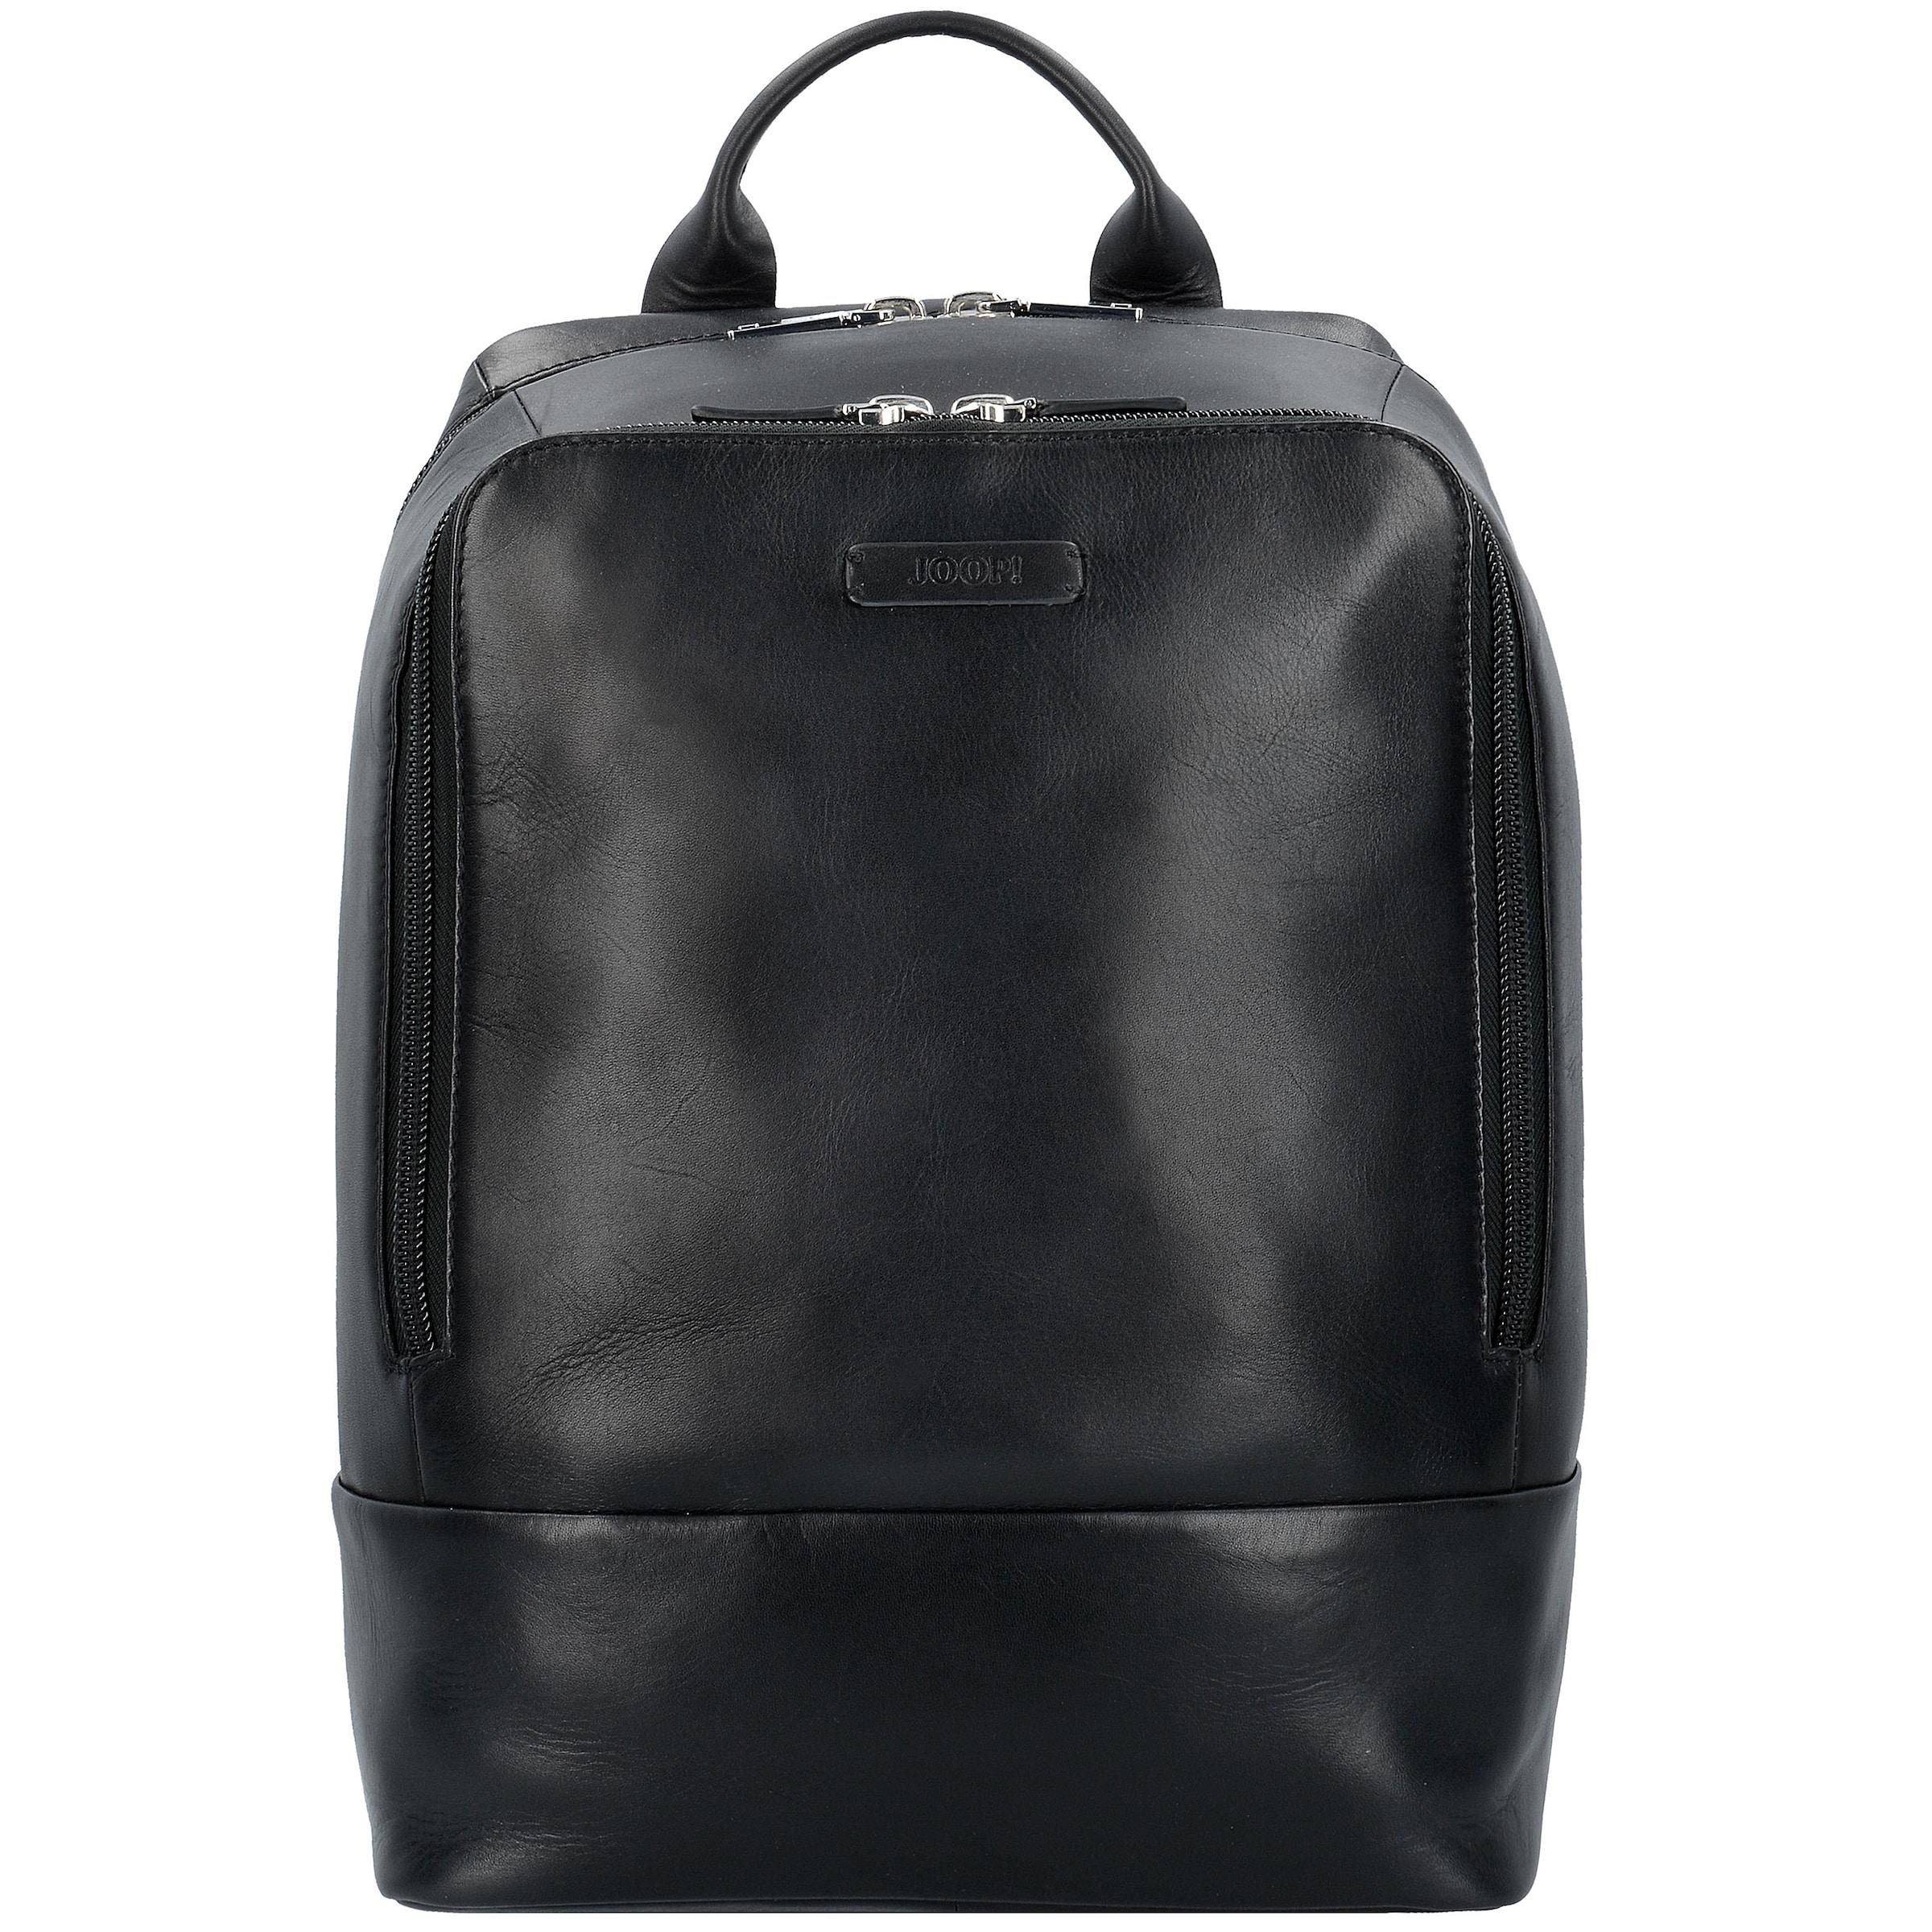 2018 Neue JOOP! Vetra Business Rucksack Leder 39 cm Laptopfach Mode-Stil Online-Verkauf Kostenloser Versand Kosten Günstiger Preis Rabatt Billigsten B5U5gnADt